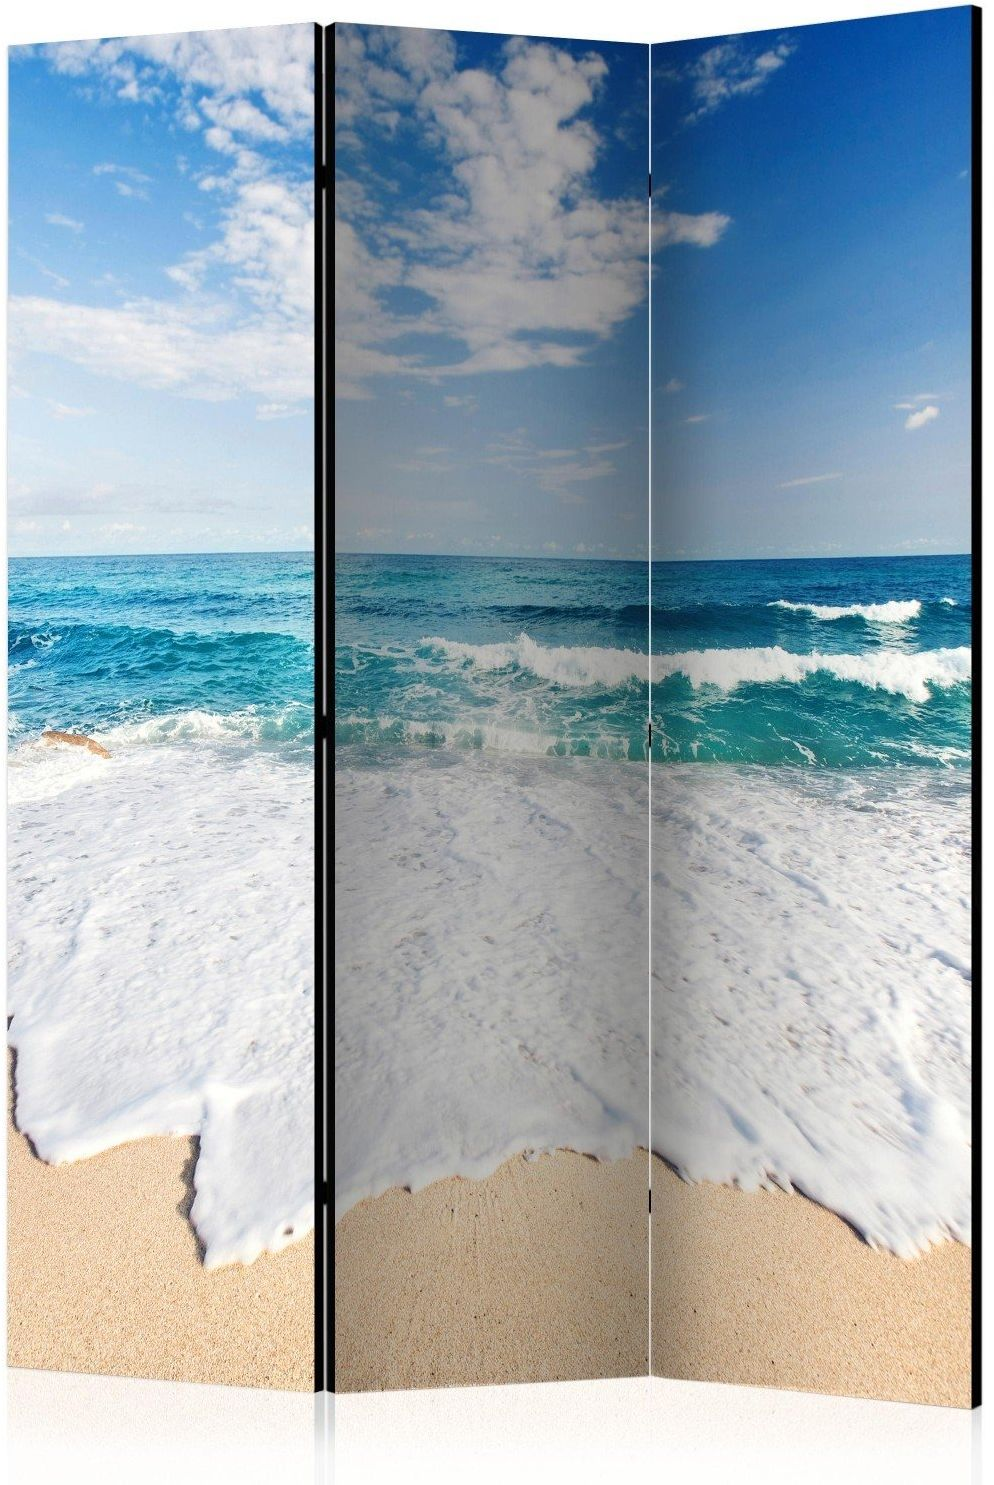 Parawan 3-częściowy - fototapeta - brzegiem morza [room dividers]